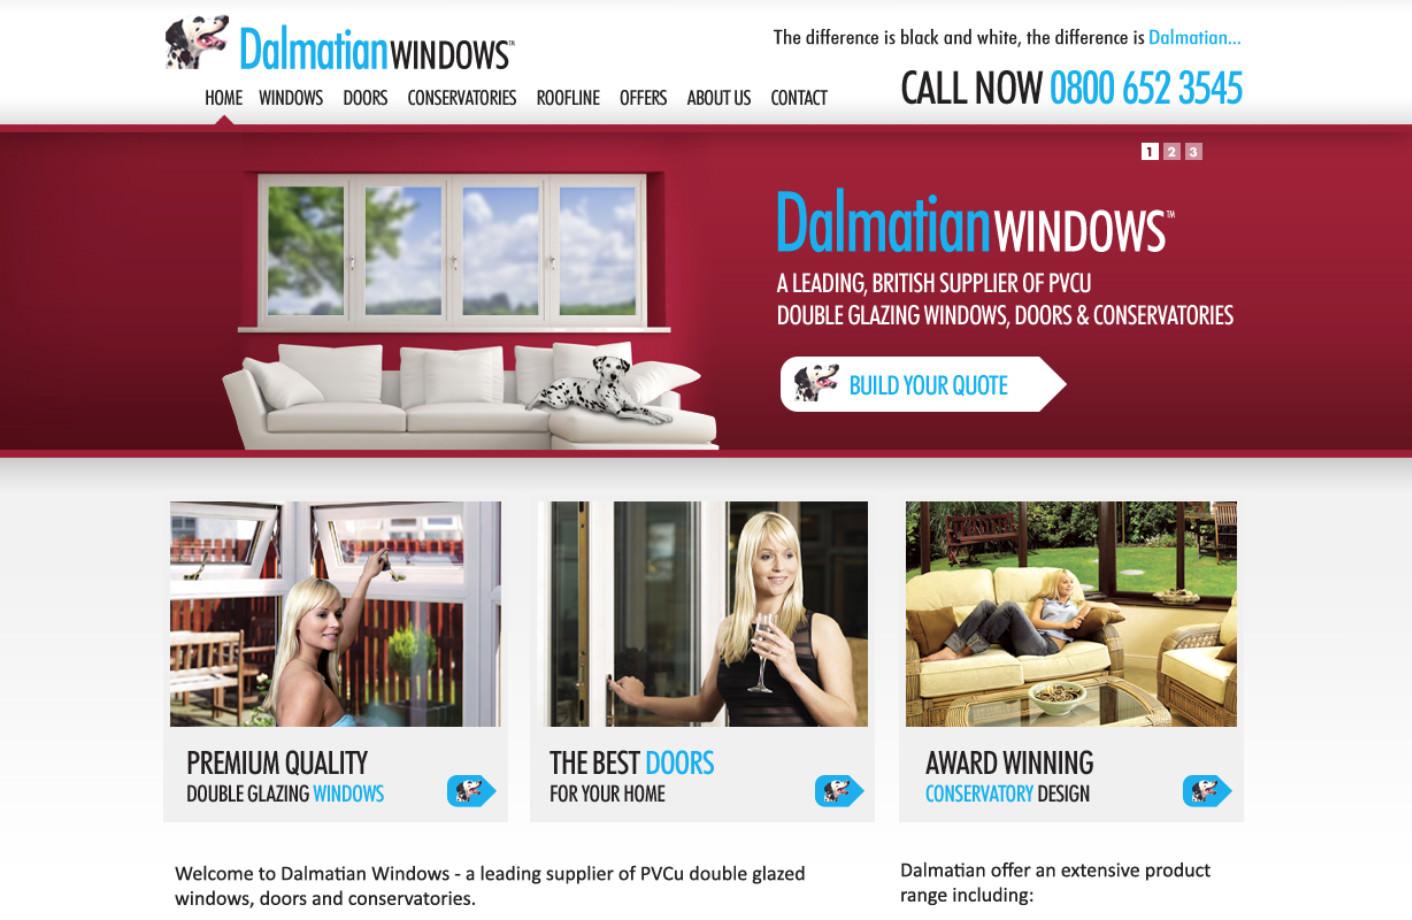 idac-media-website-gallery-shot-23.jpg